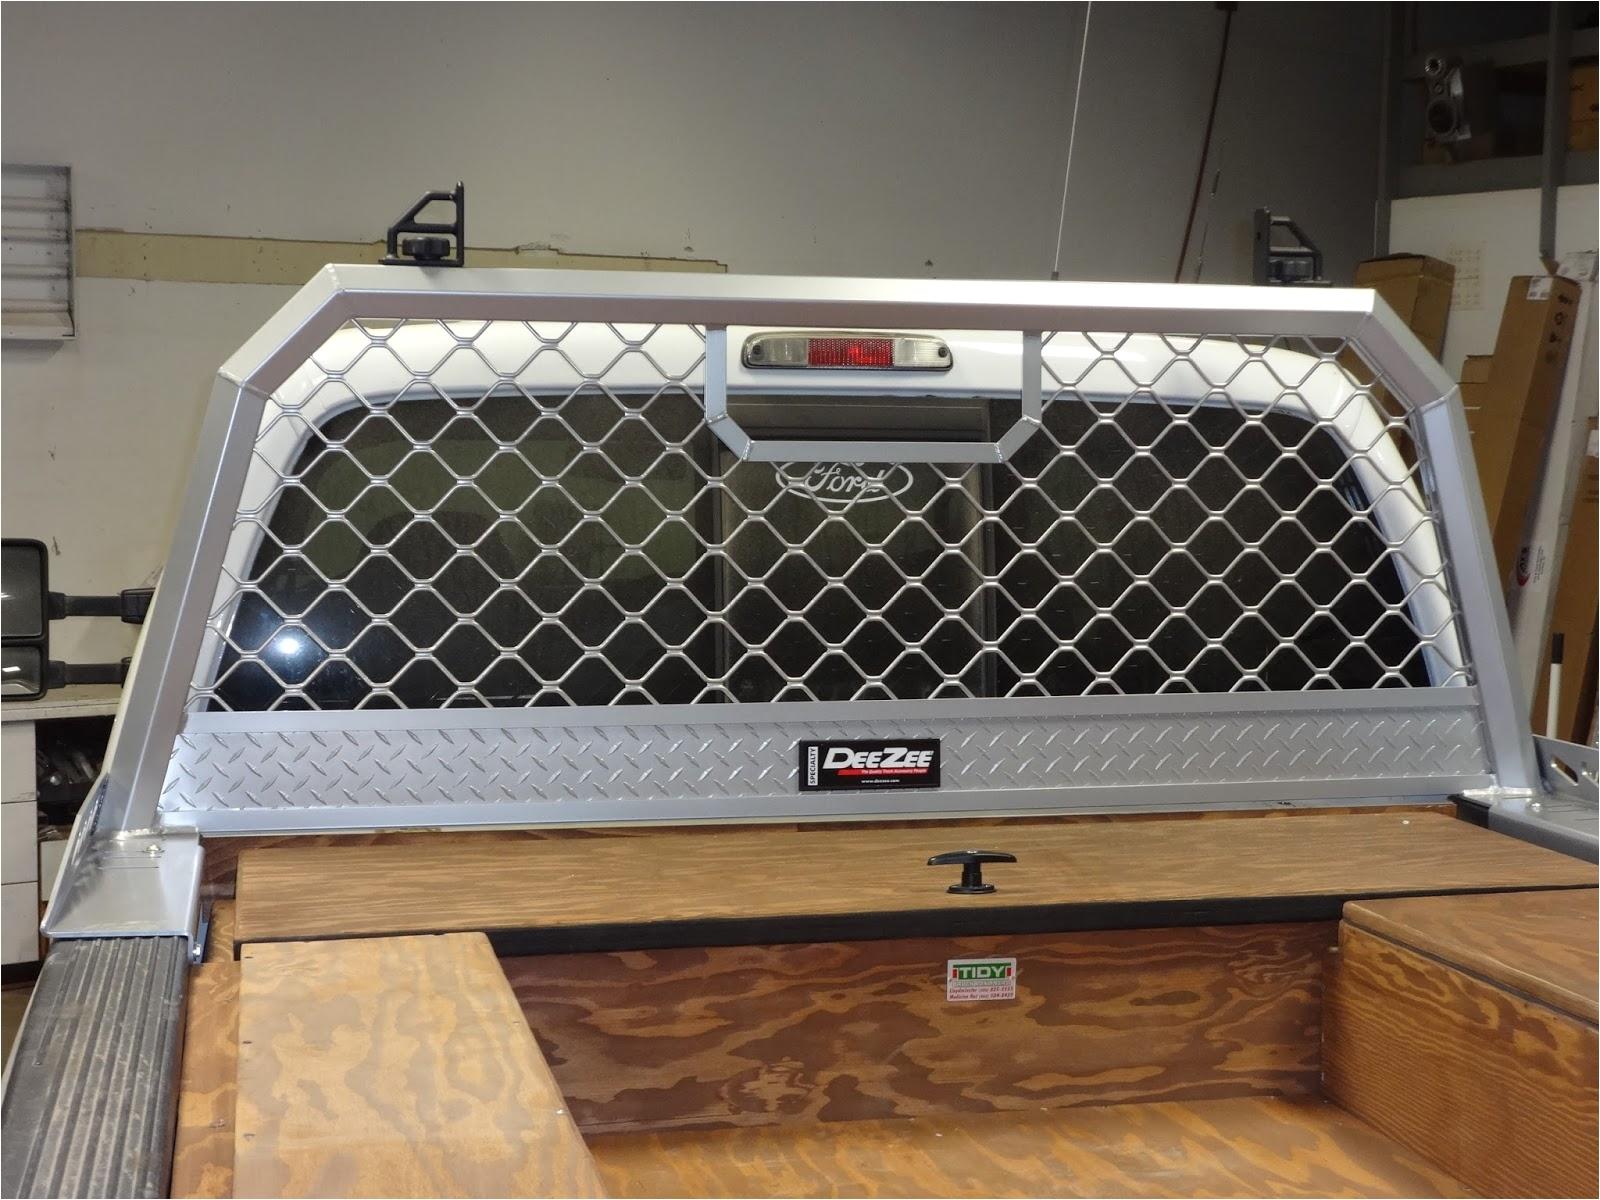 dee zee aluminum mesh cab rack